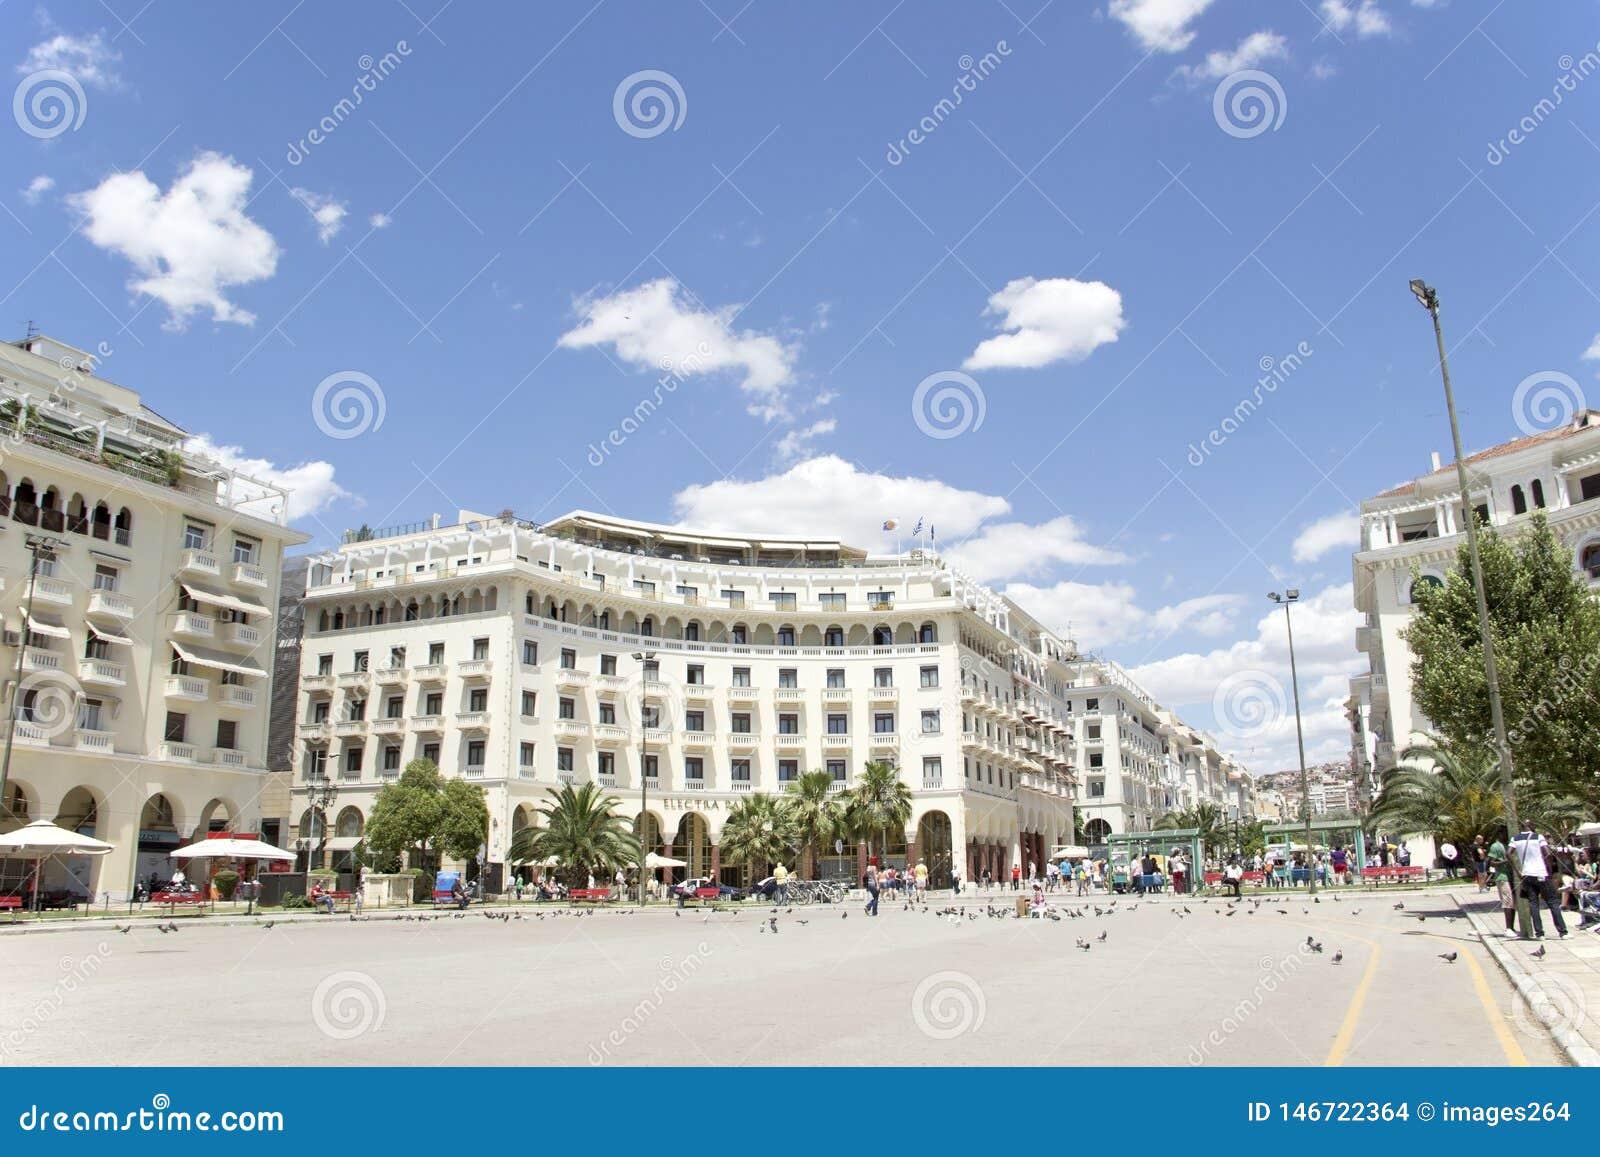 Διάσημη πλατεία Aristotelous σε Θεσσαλονίκη, Ελλάδα - μπορέστε το 2013